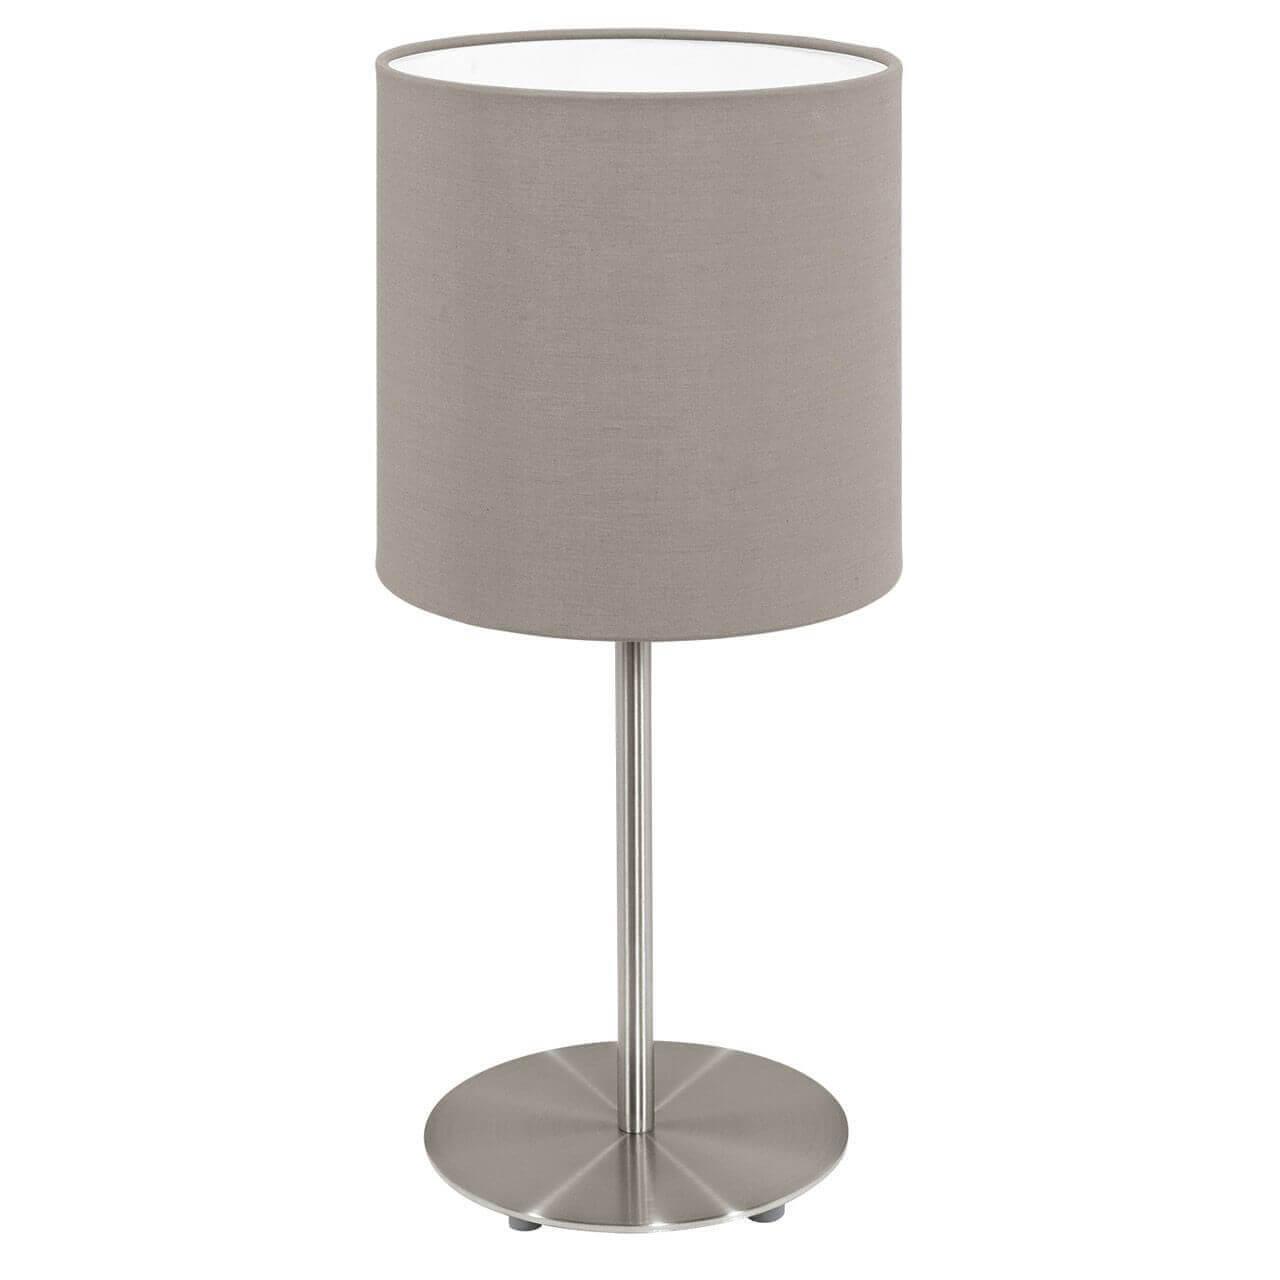 Настольная лампа Eglo Pasteri 95726 настольная лампа eglo pasteri 95119